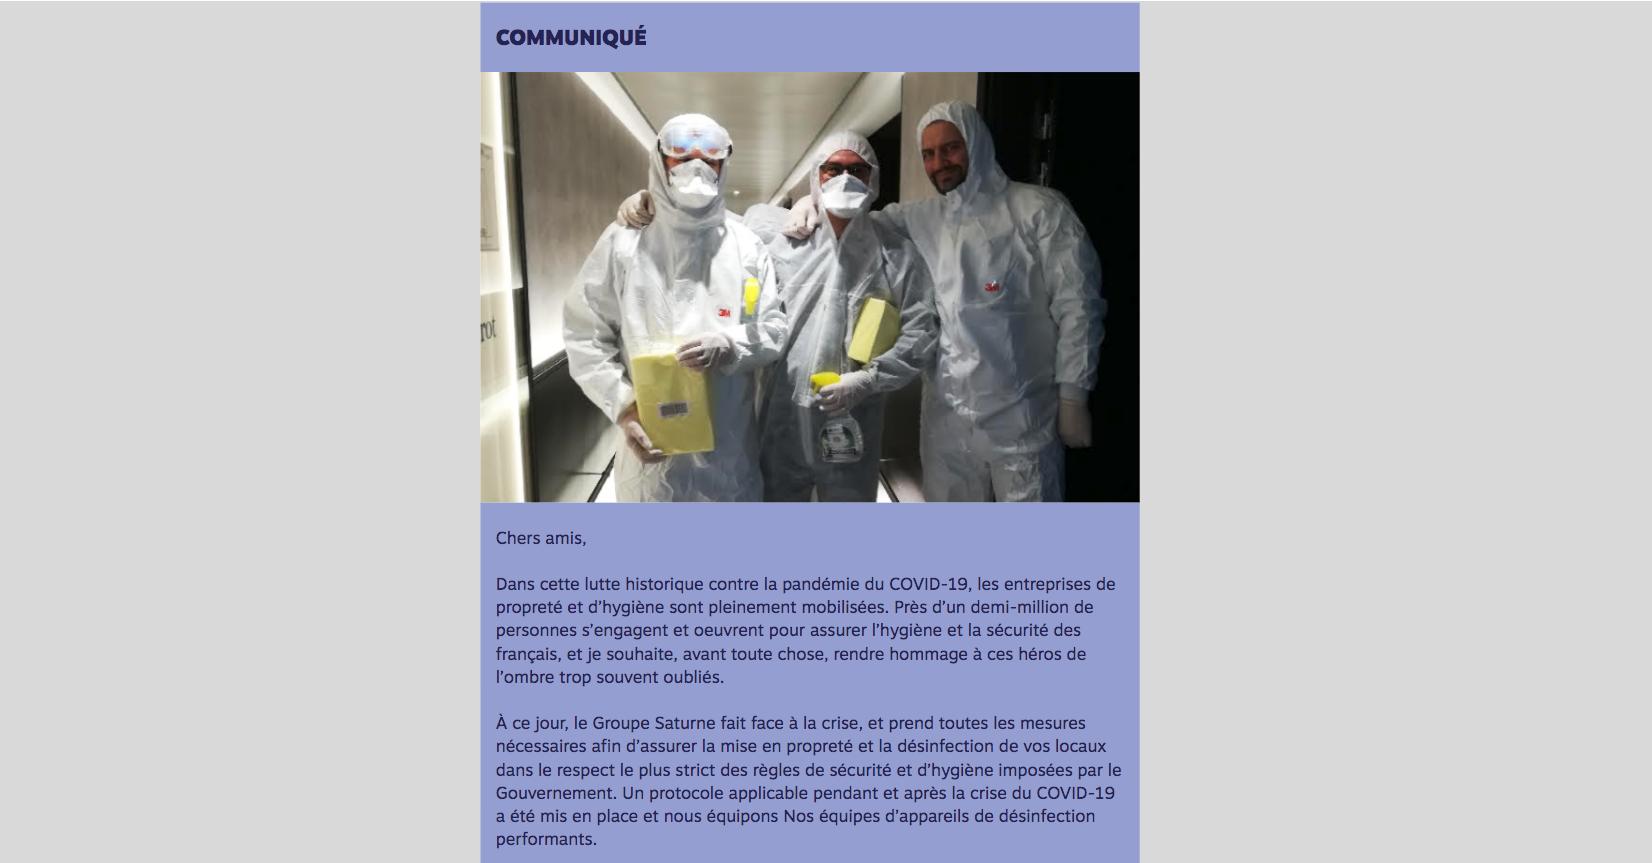 Le Groupe Saturne - Actualités - COVID - Un univers de propreté - Logo - Nettoyage professionnel - Entreprise de nettoyage